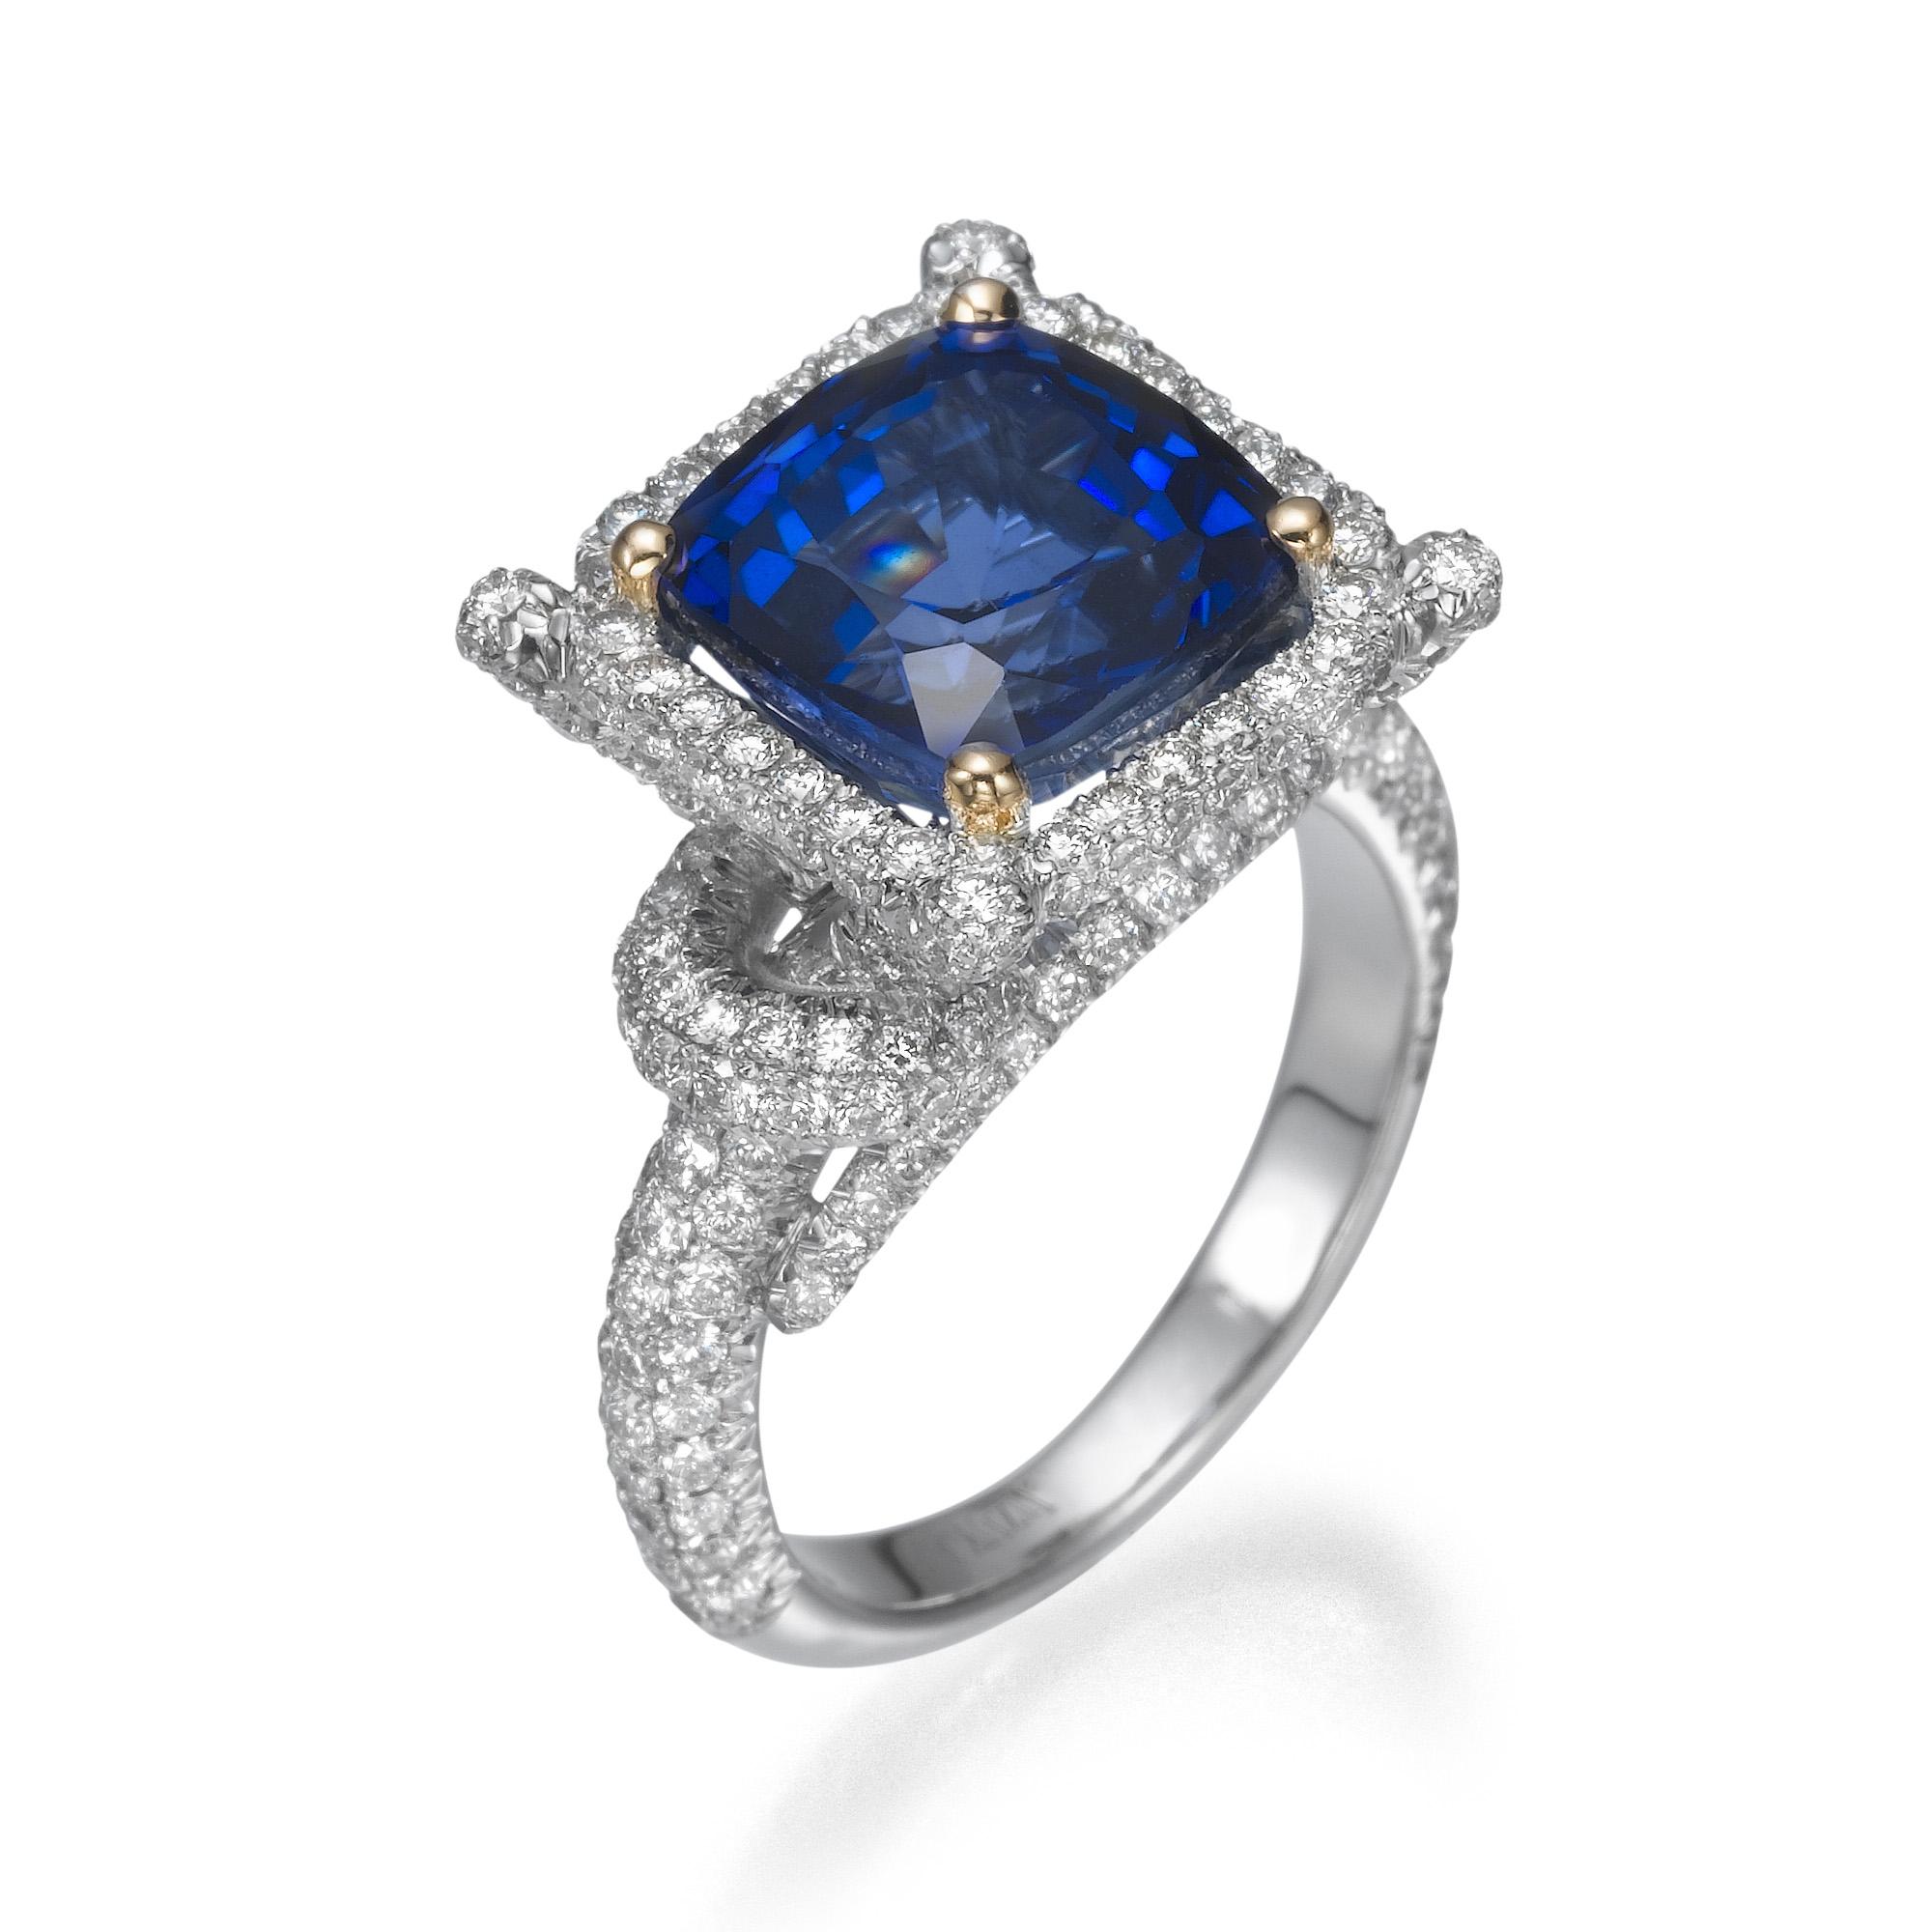 Помолвочные кольца, как у звезд: украшения под ваш бюджет на заказ в магазине RDC